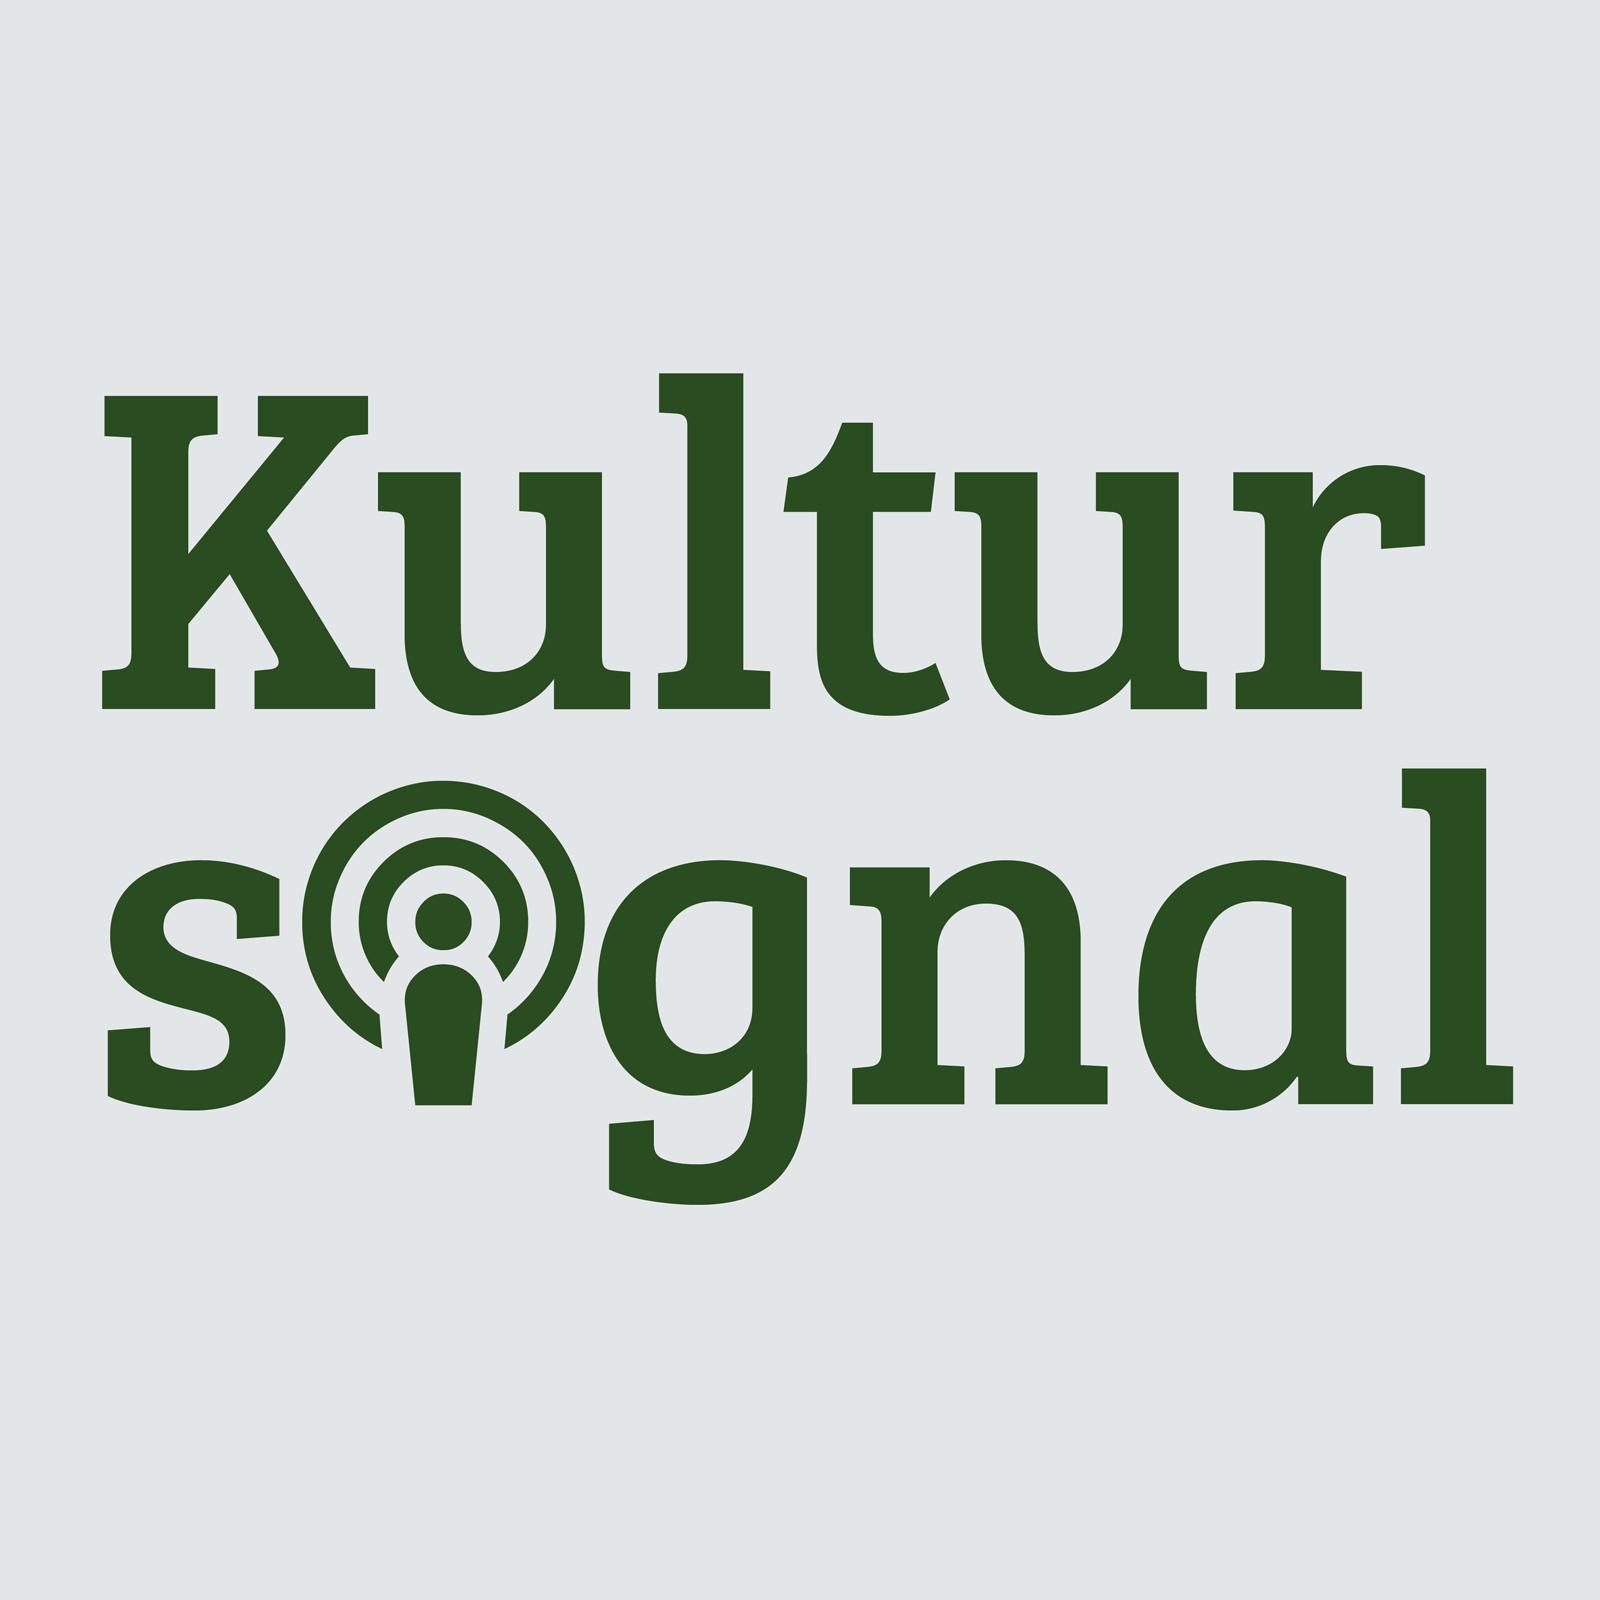 Kultursignal